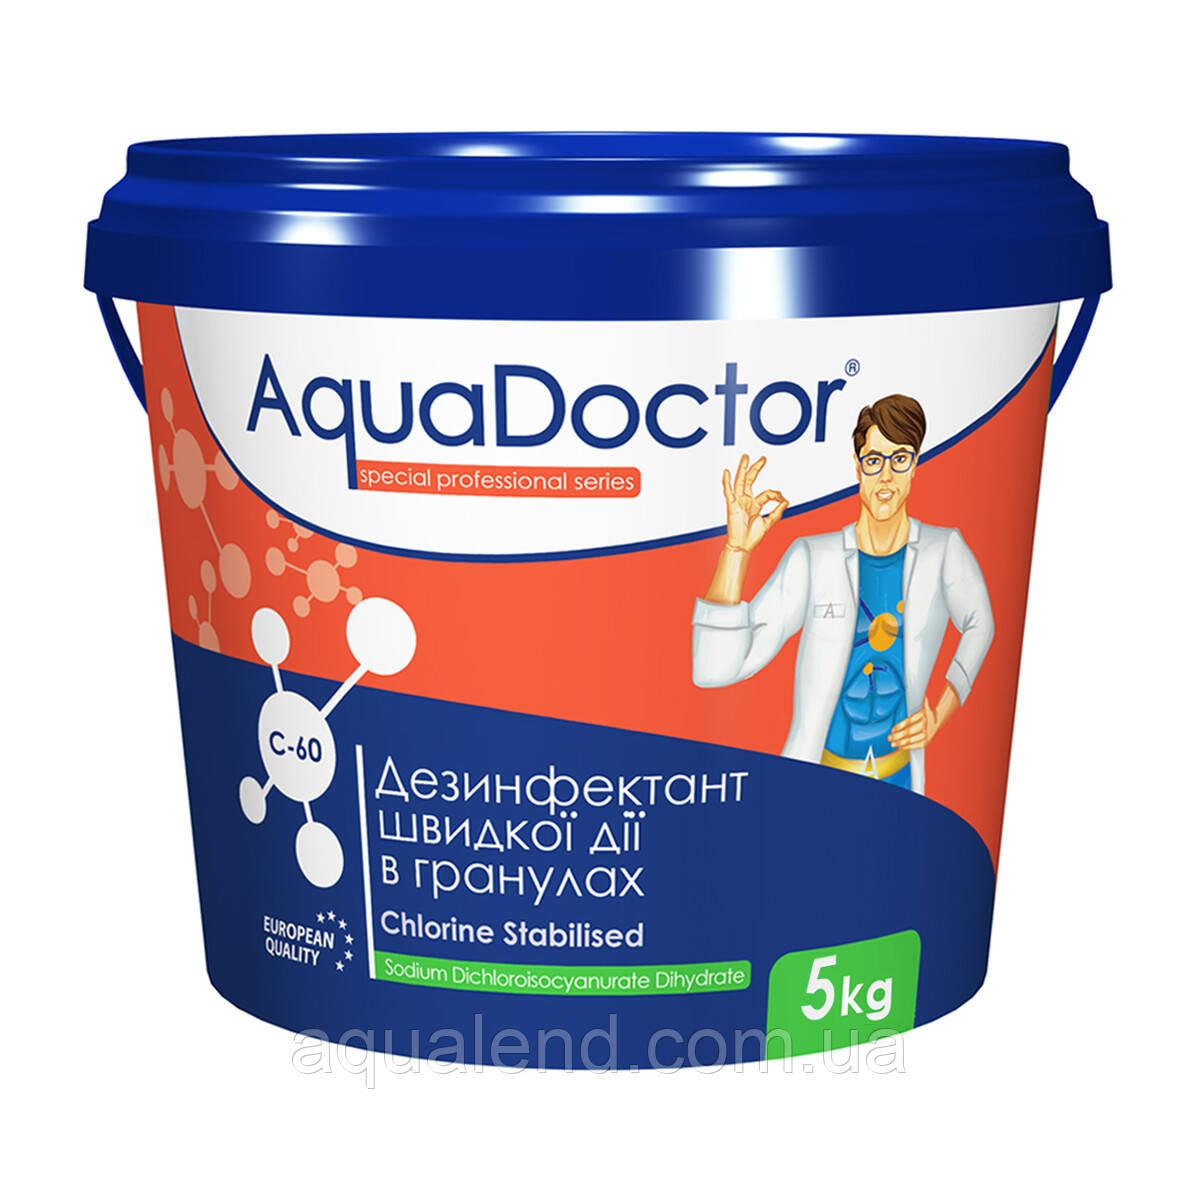 Швидкорозчинний хлор C-60, 1кг, (шокової дії), в гранулах, AquaDoctor